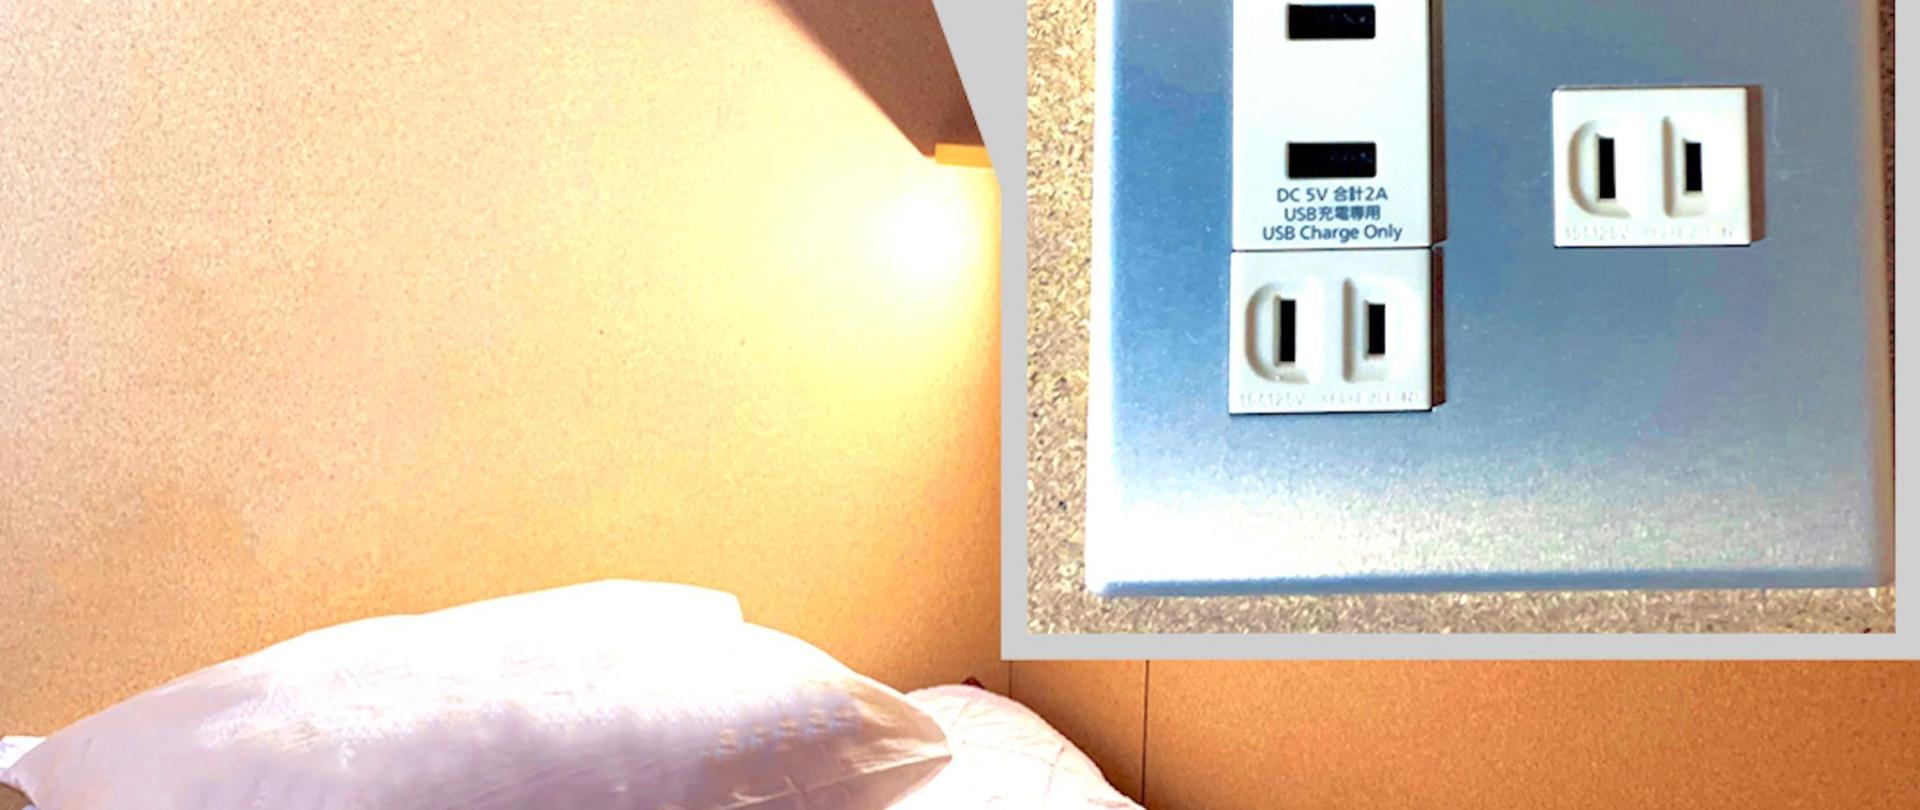 【ベッド】USBアップ.001.jpeg